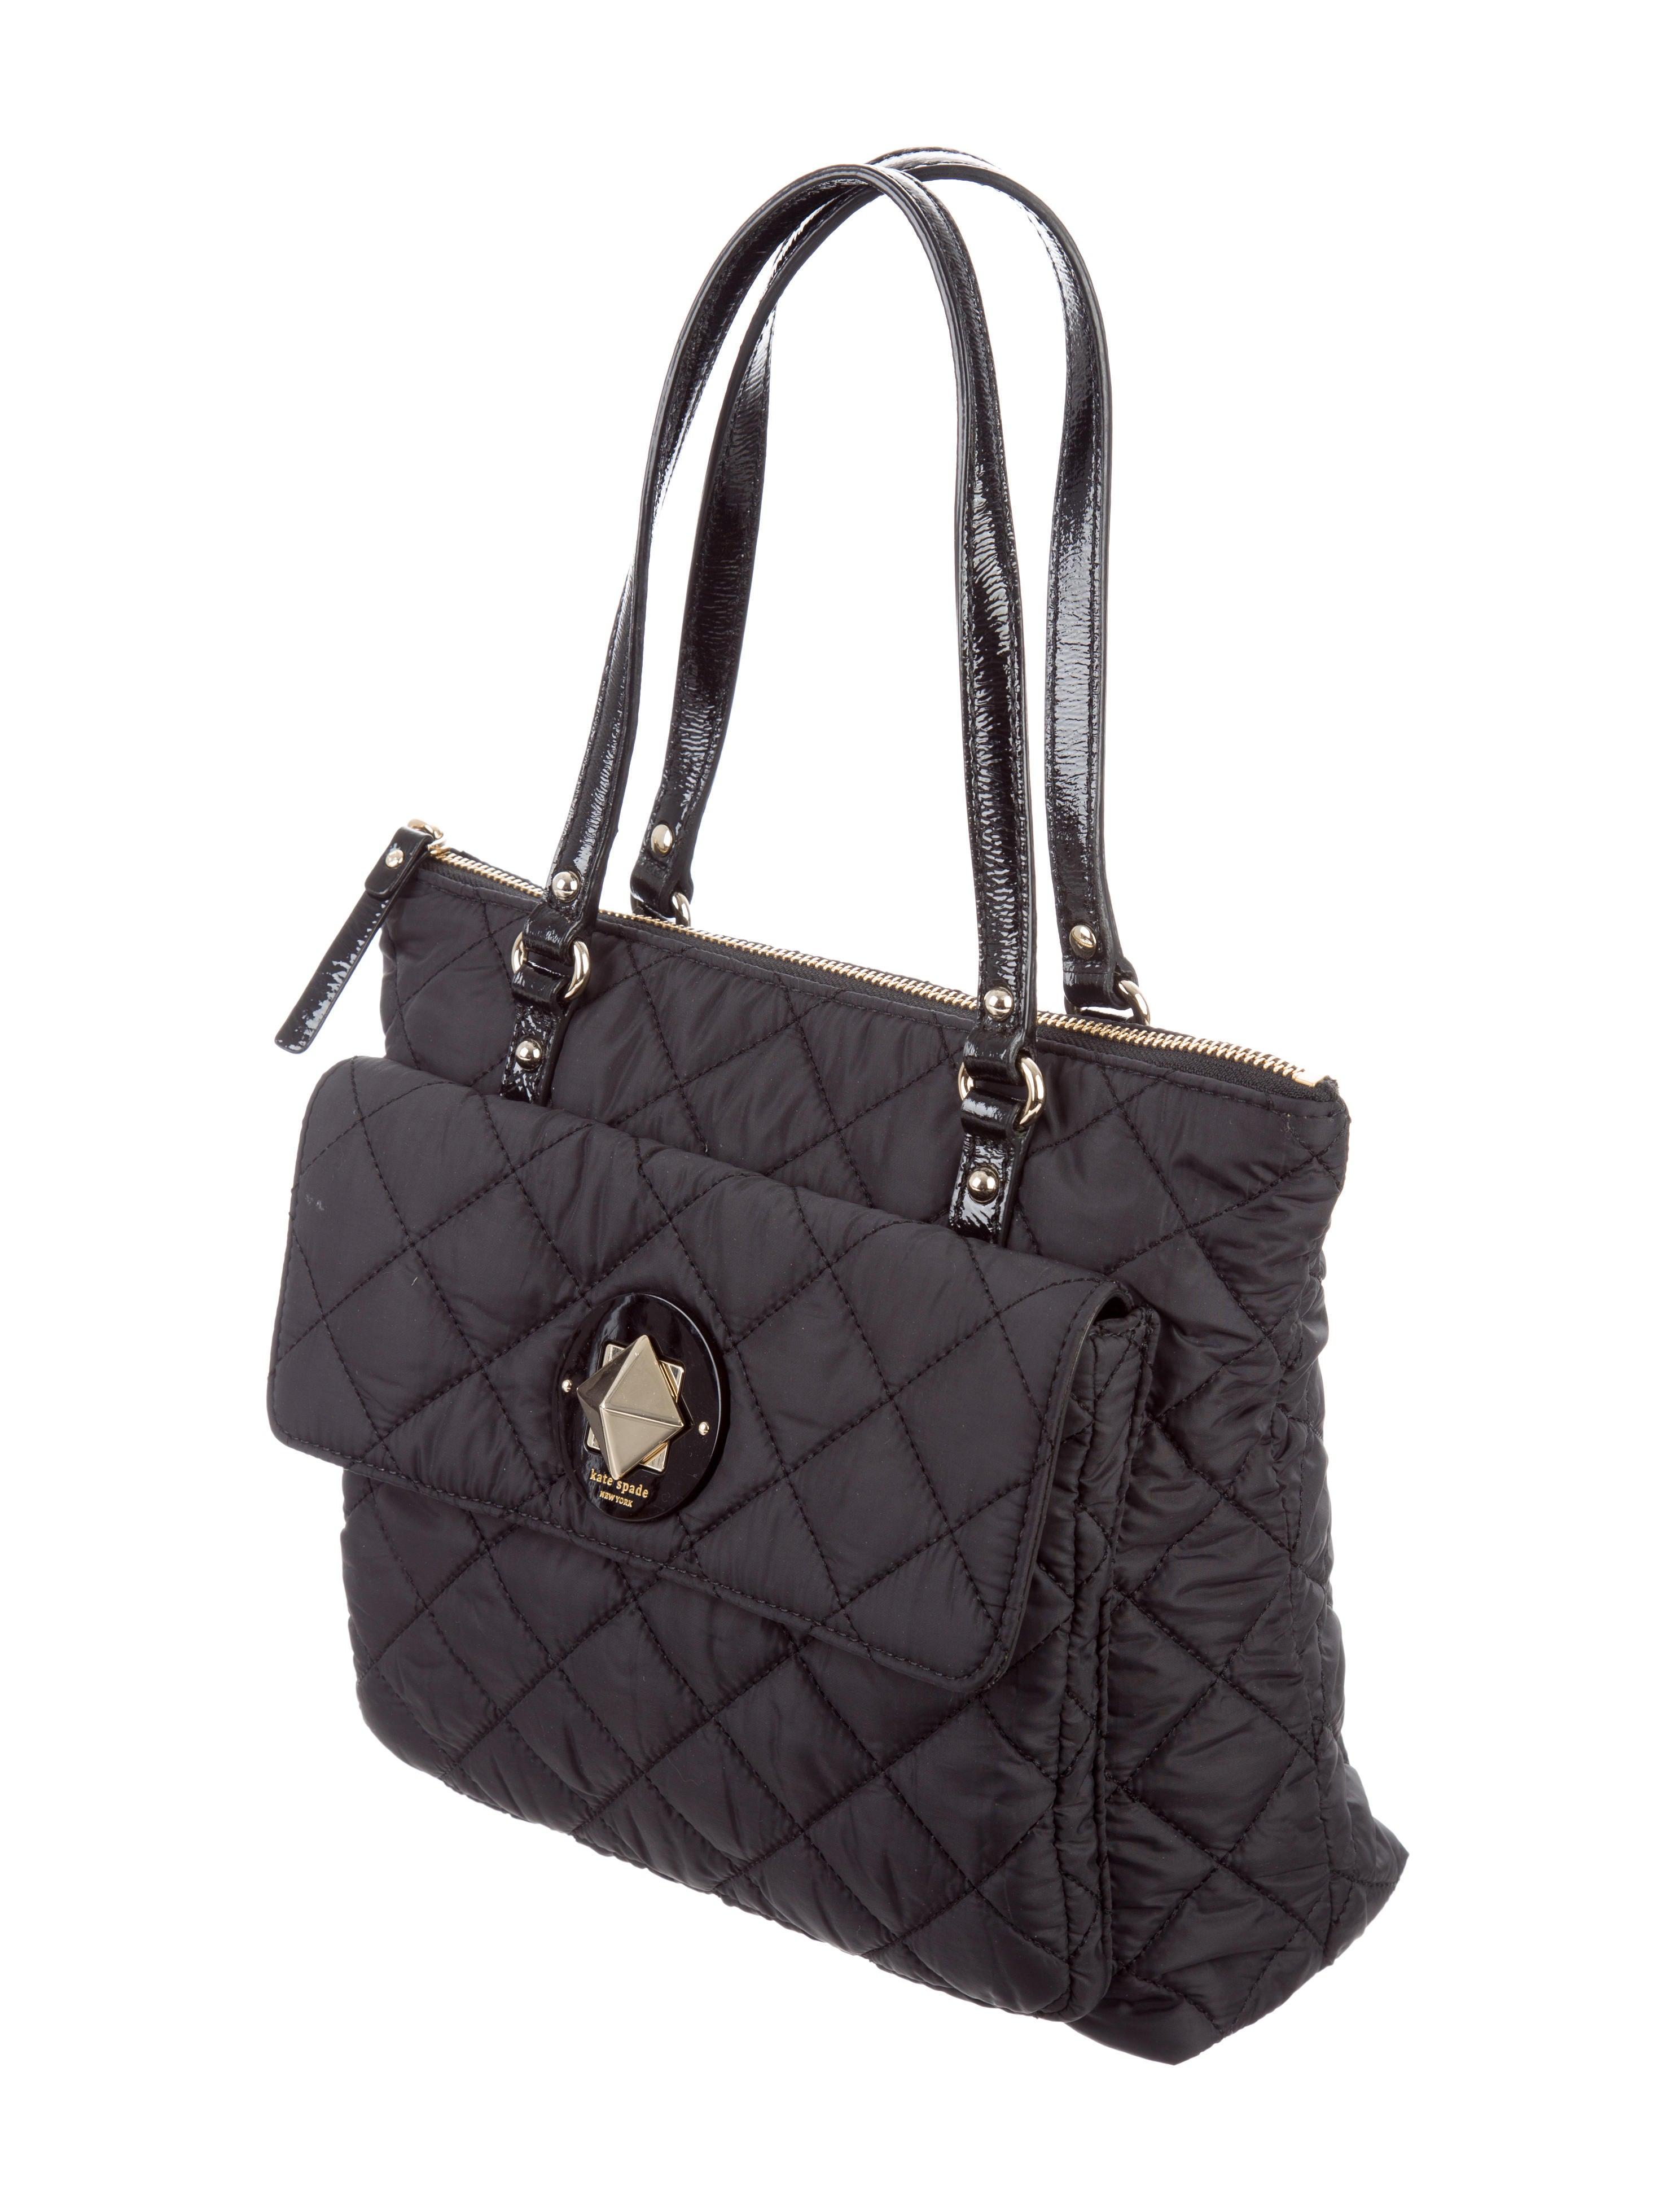 Small Nylon Tote Bags 121